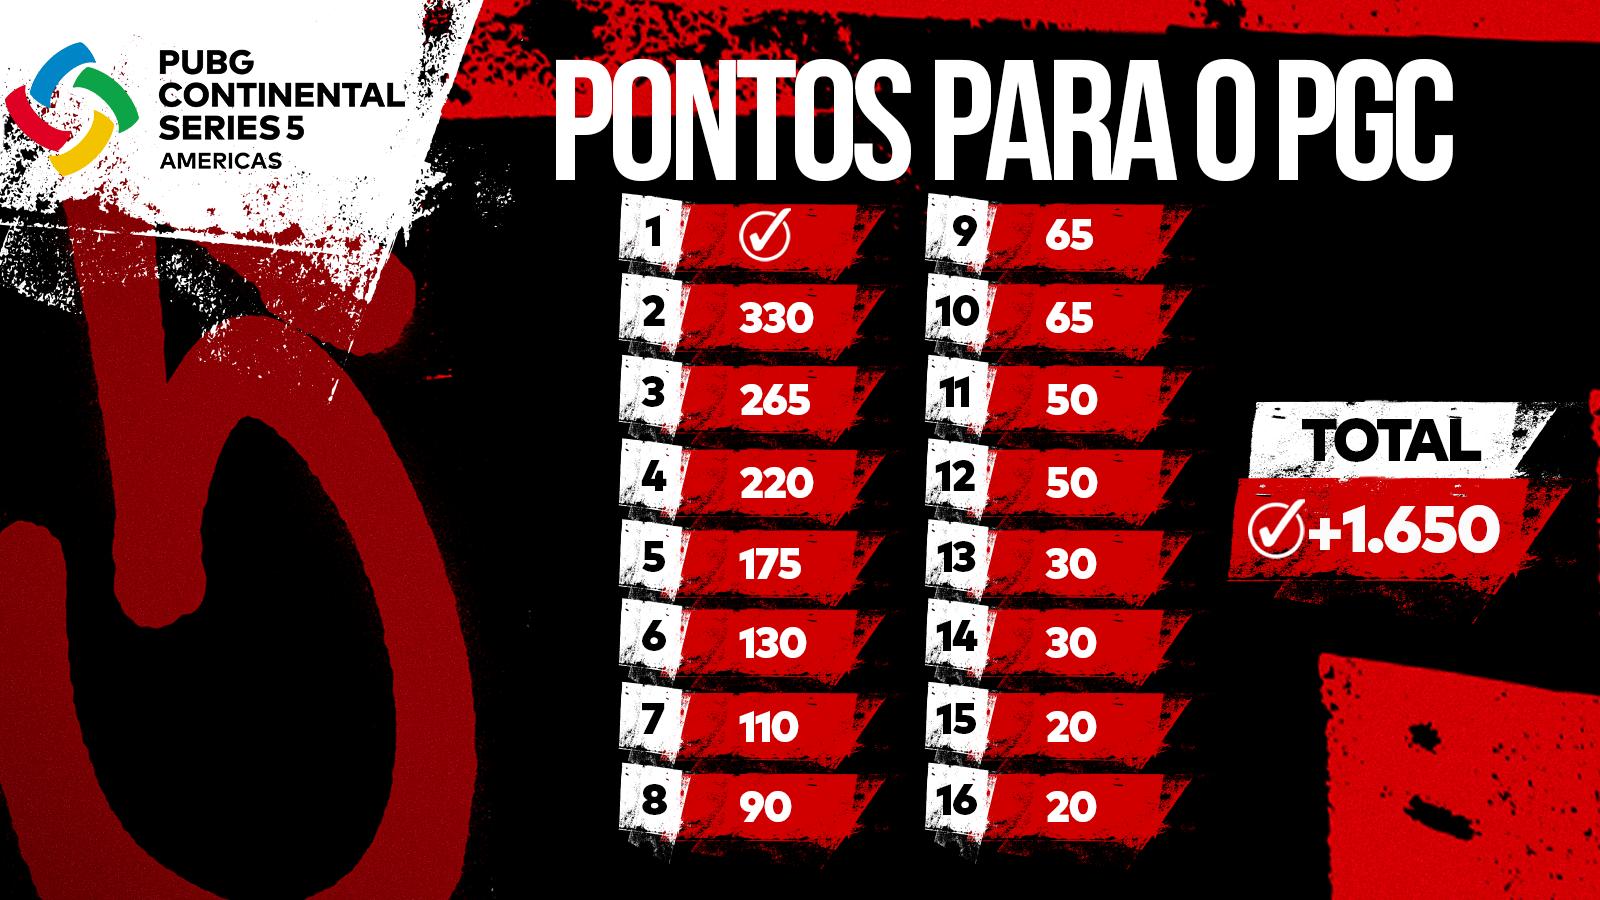 Pontos de classificação para o PUBG Global Championship a serem distribuídos na Grande Final da PCS5 Américas